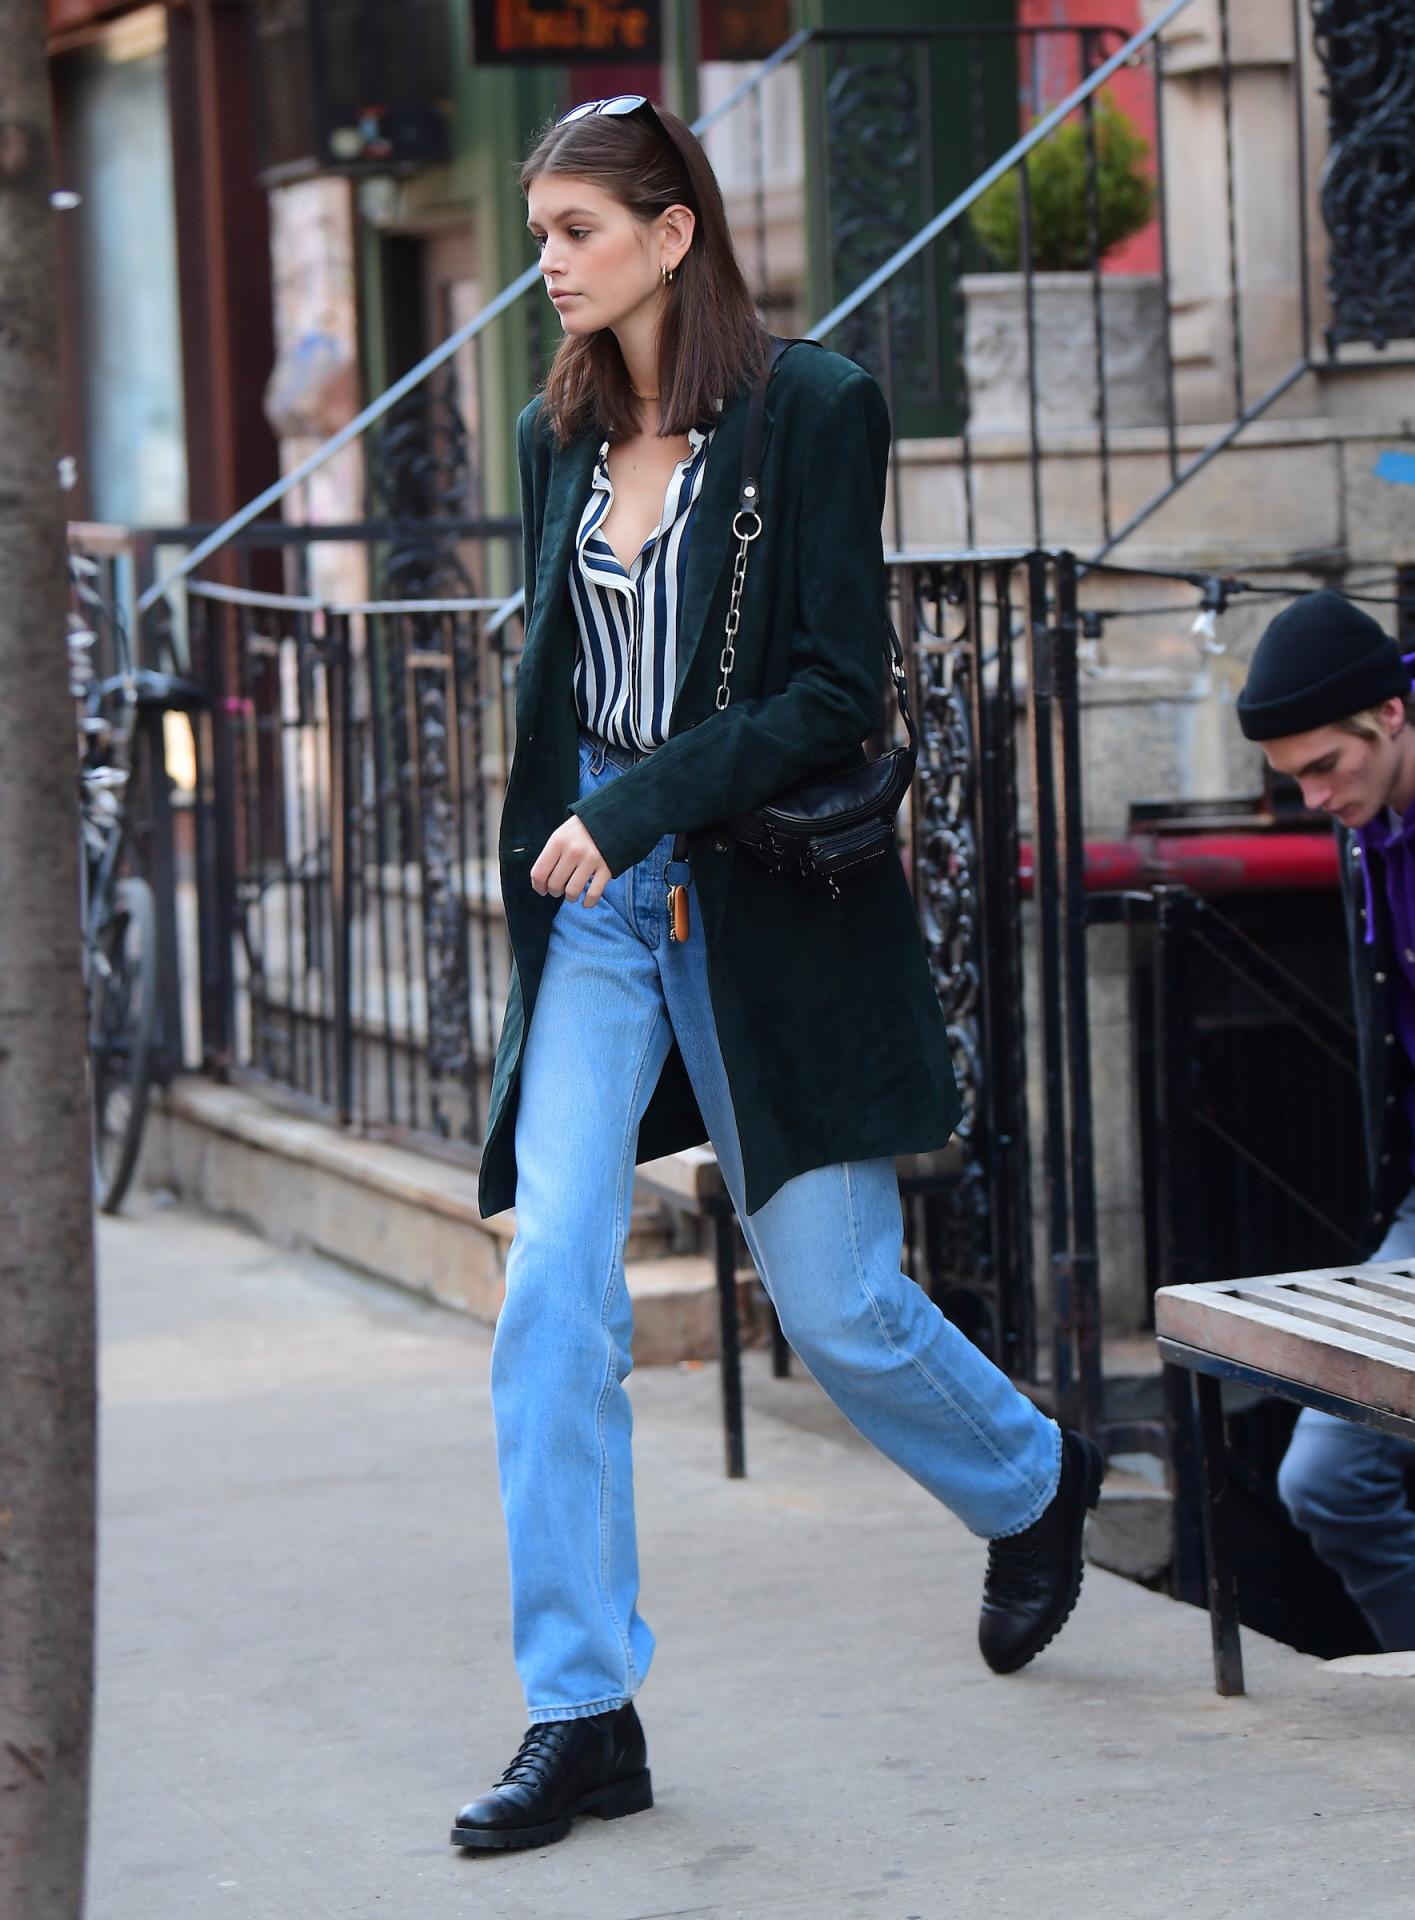 Kaia Gerber, hija de Cindy Crawford, de paseo por Nueva York.